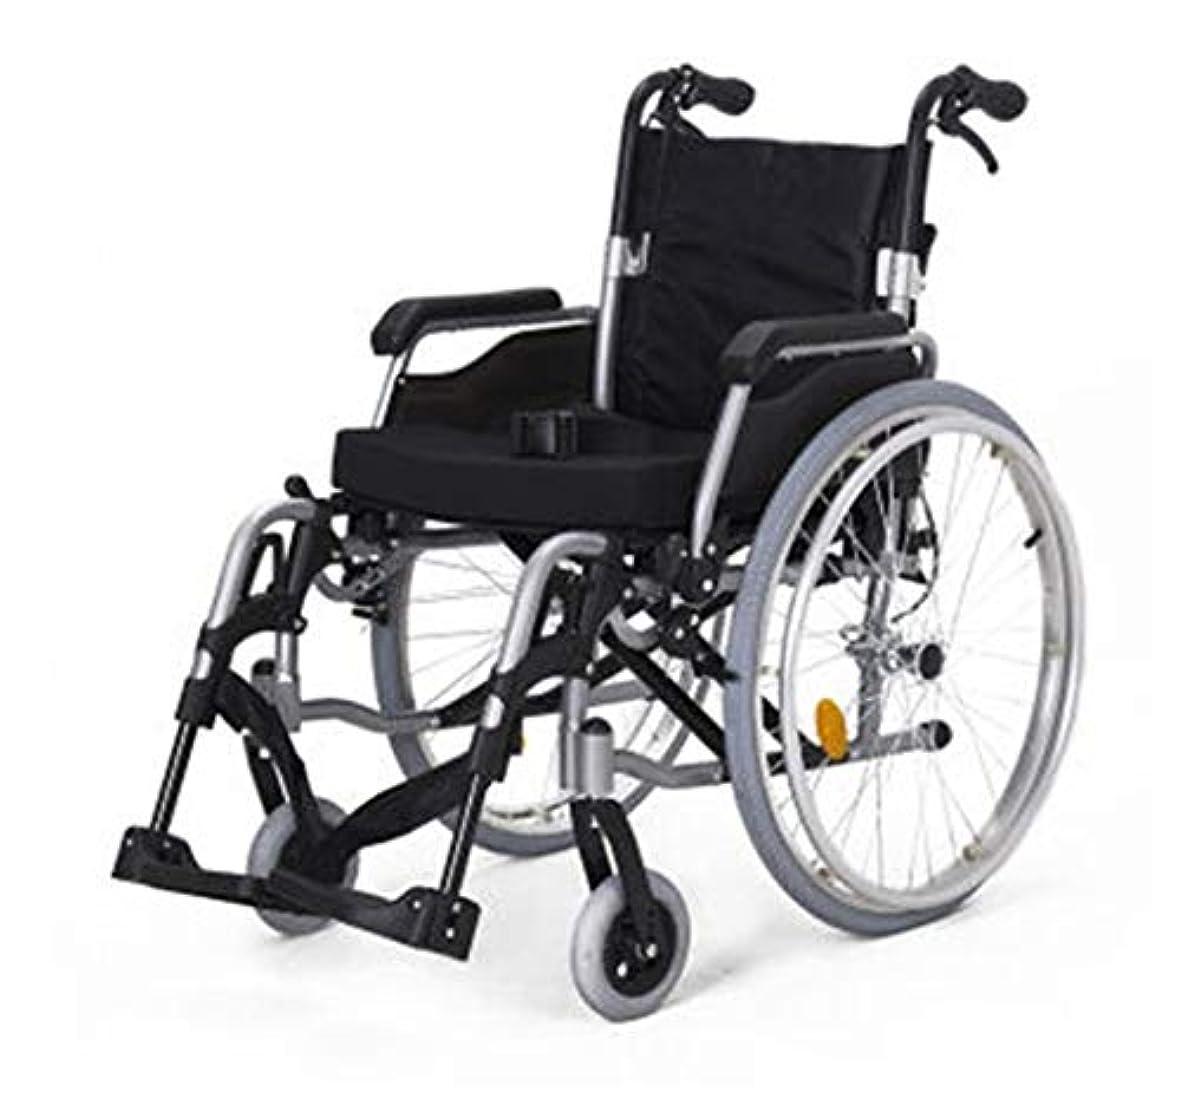 早くアクチュエータ煩わしい折り畳み式車椅子、屋外で旅行する高齢者、車椅子は、身体障害者、脳性麻痺、リハビリテーション患者にとって良いヘルパーです